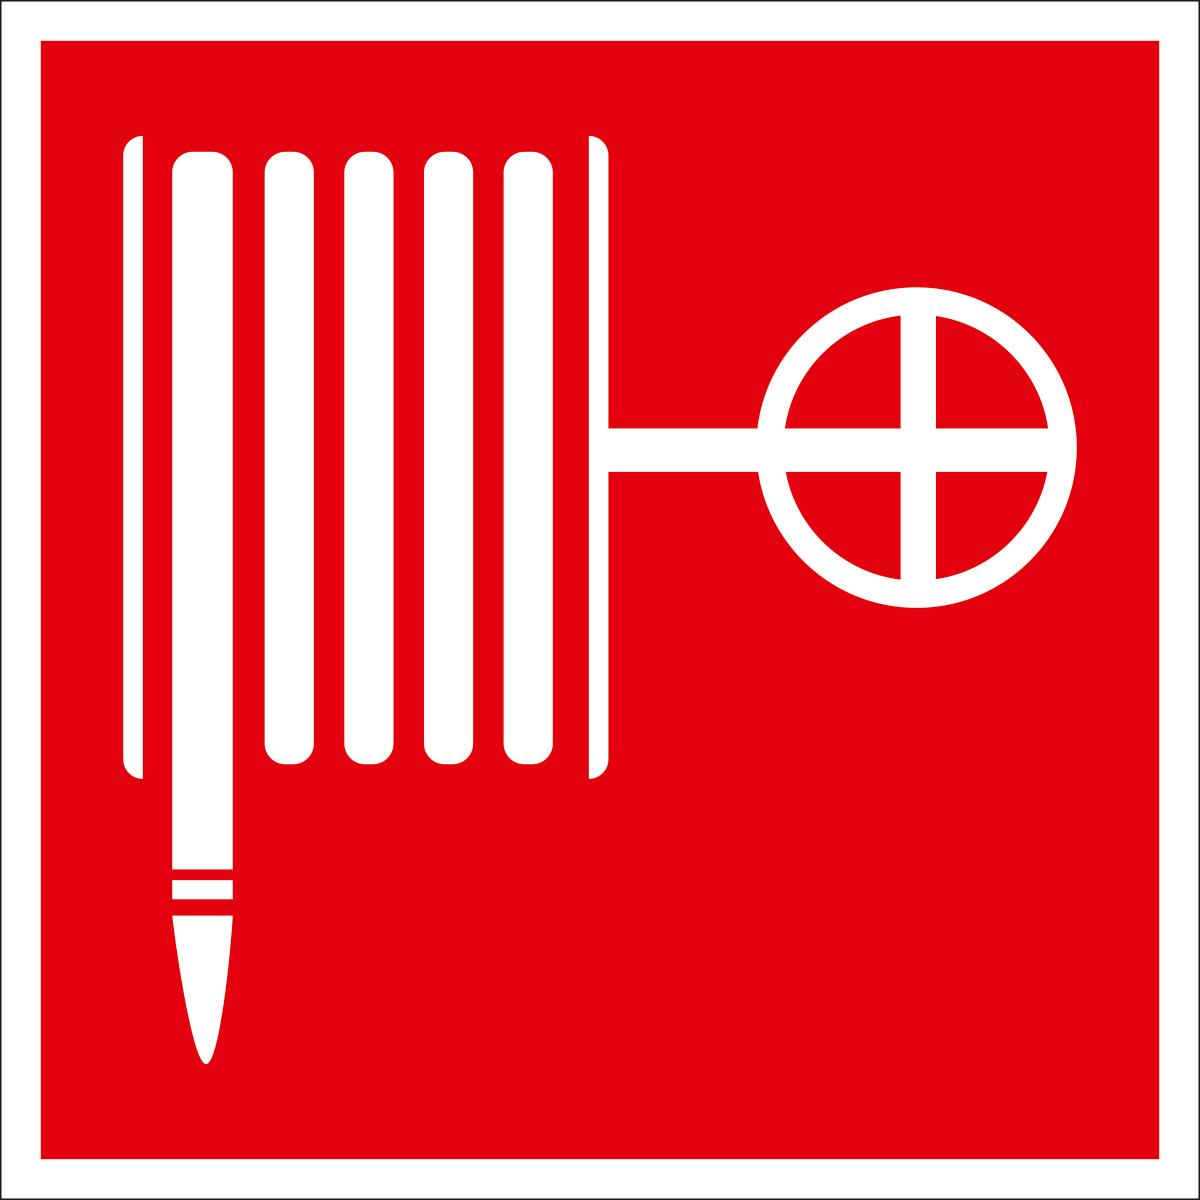 Наклейка информационная Оранжевый Слоник Пожарный кран, 15 х 15 смINF012RGBИнформационные наклейки предназначенны для предупреждения людей о непосредственной или возможной опасности, запрещения, предписания или разрешения определенных действий, а также для информации о расположении объектов и средств, использование которых ислючает или снижает воздействие опасных и (или) вредных факторов.